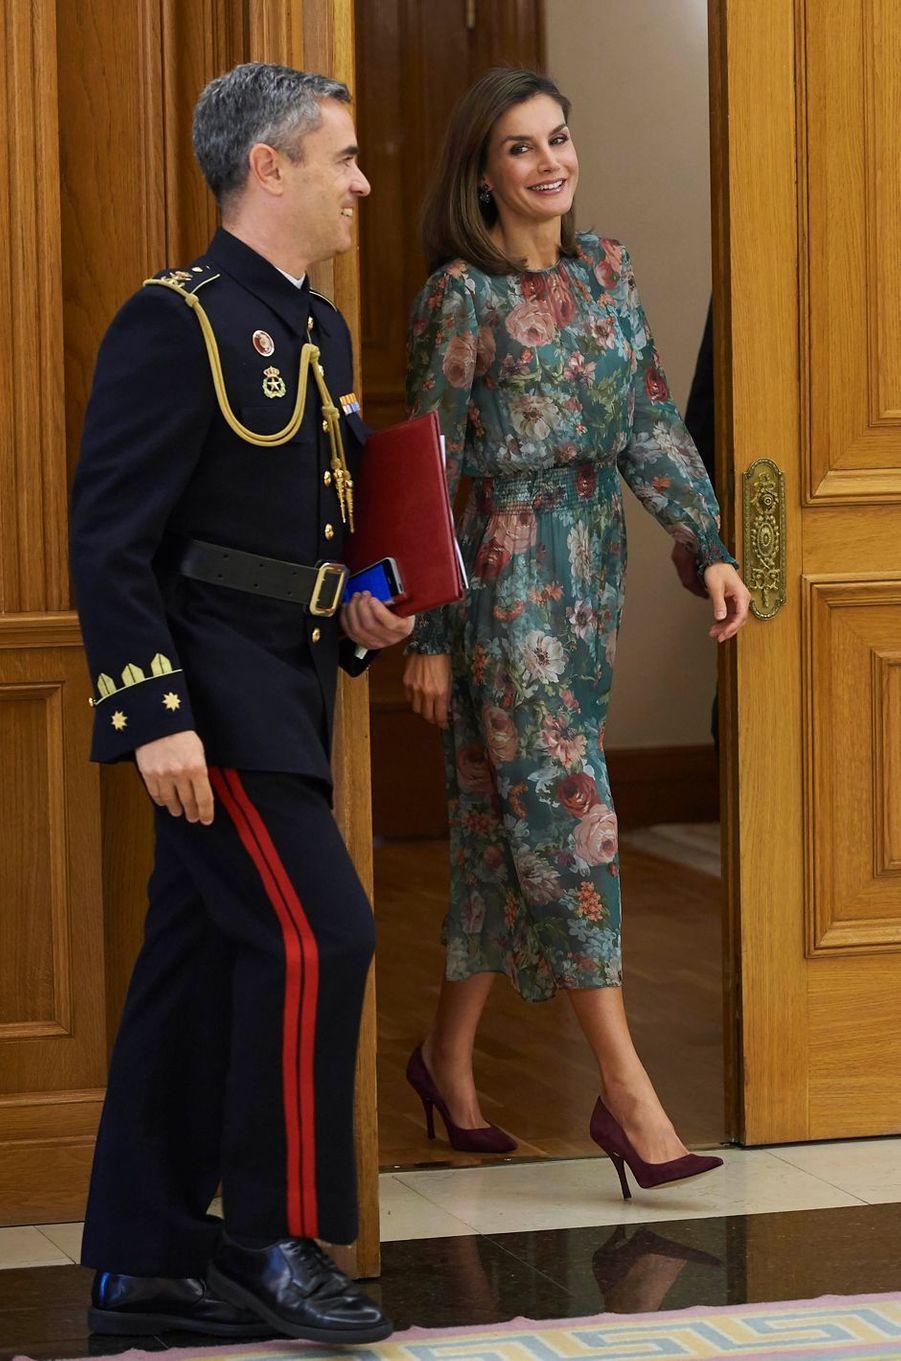 La reine Letizia d'Espagne au palais de la Zarzuela à Madrid, le 17 octobre 2017